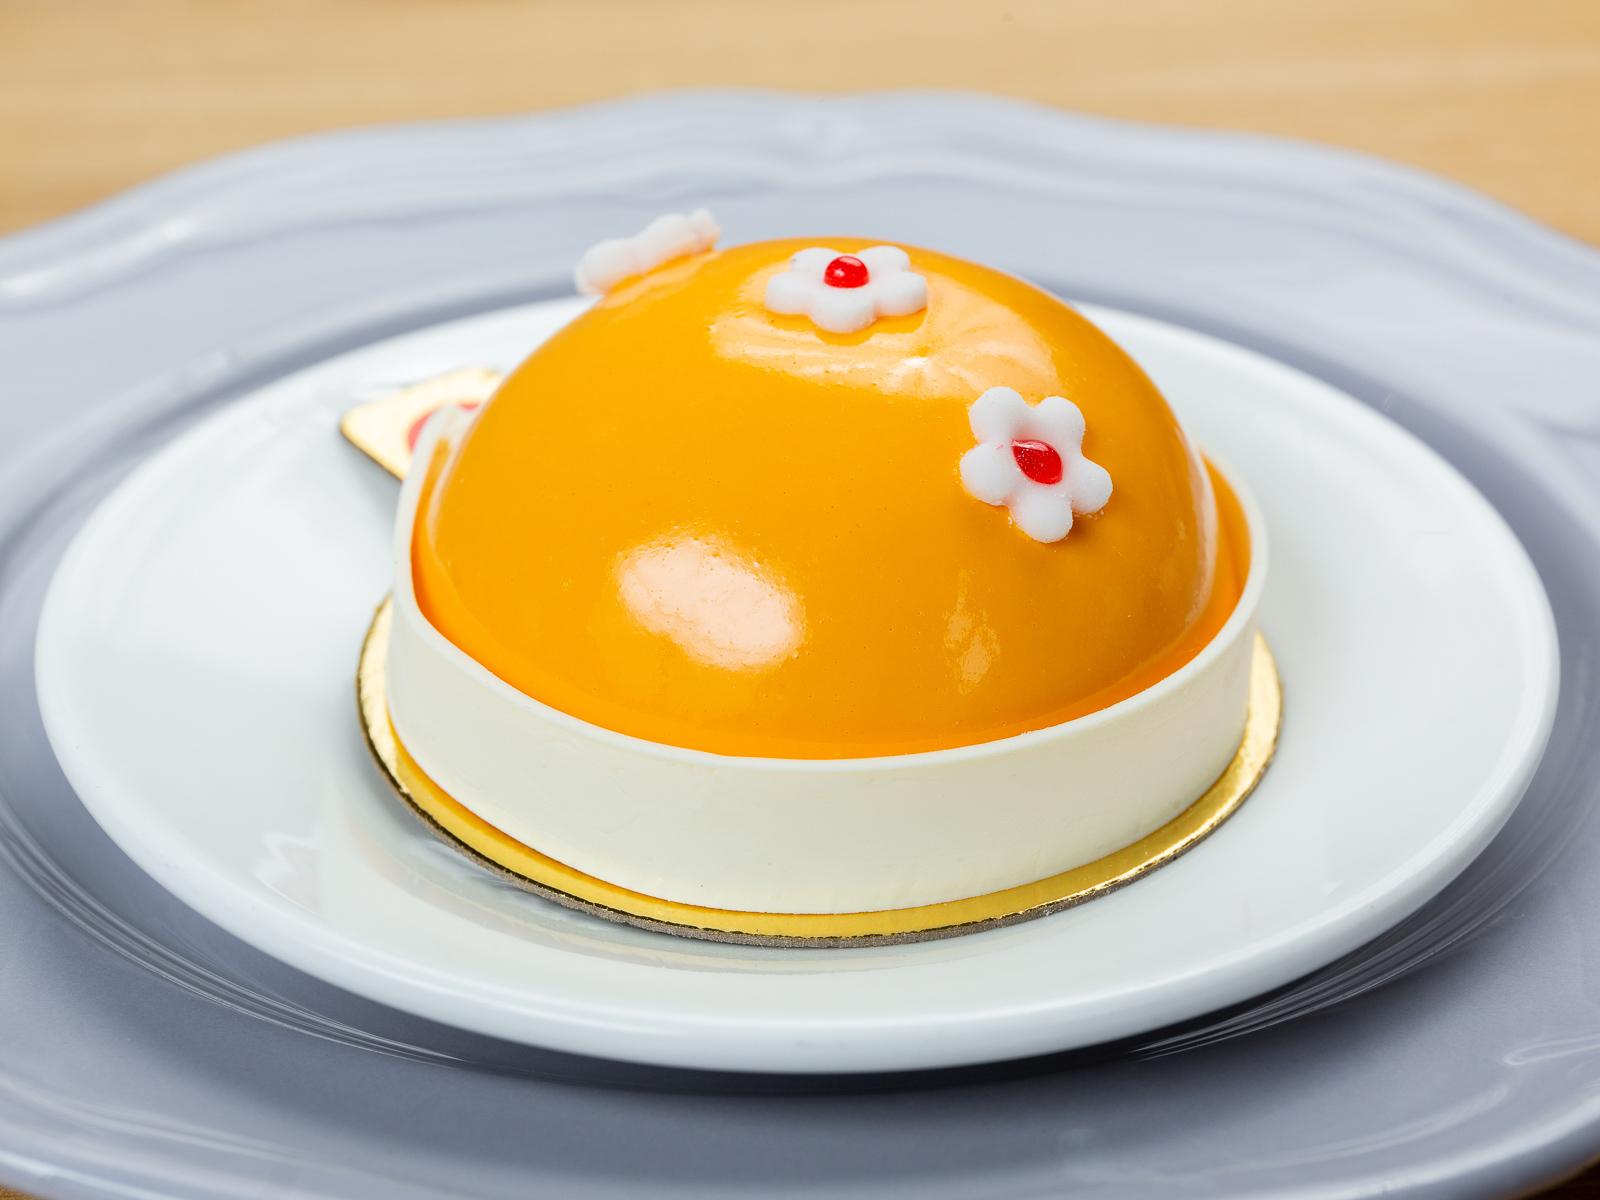 Пирожное Манго антреме